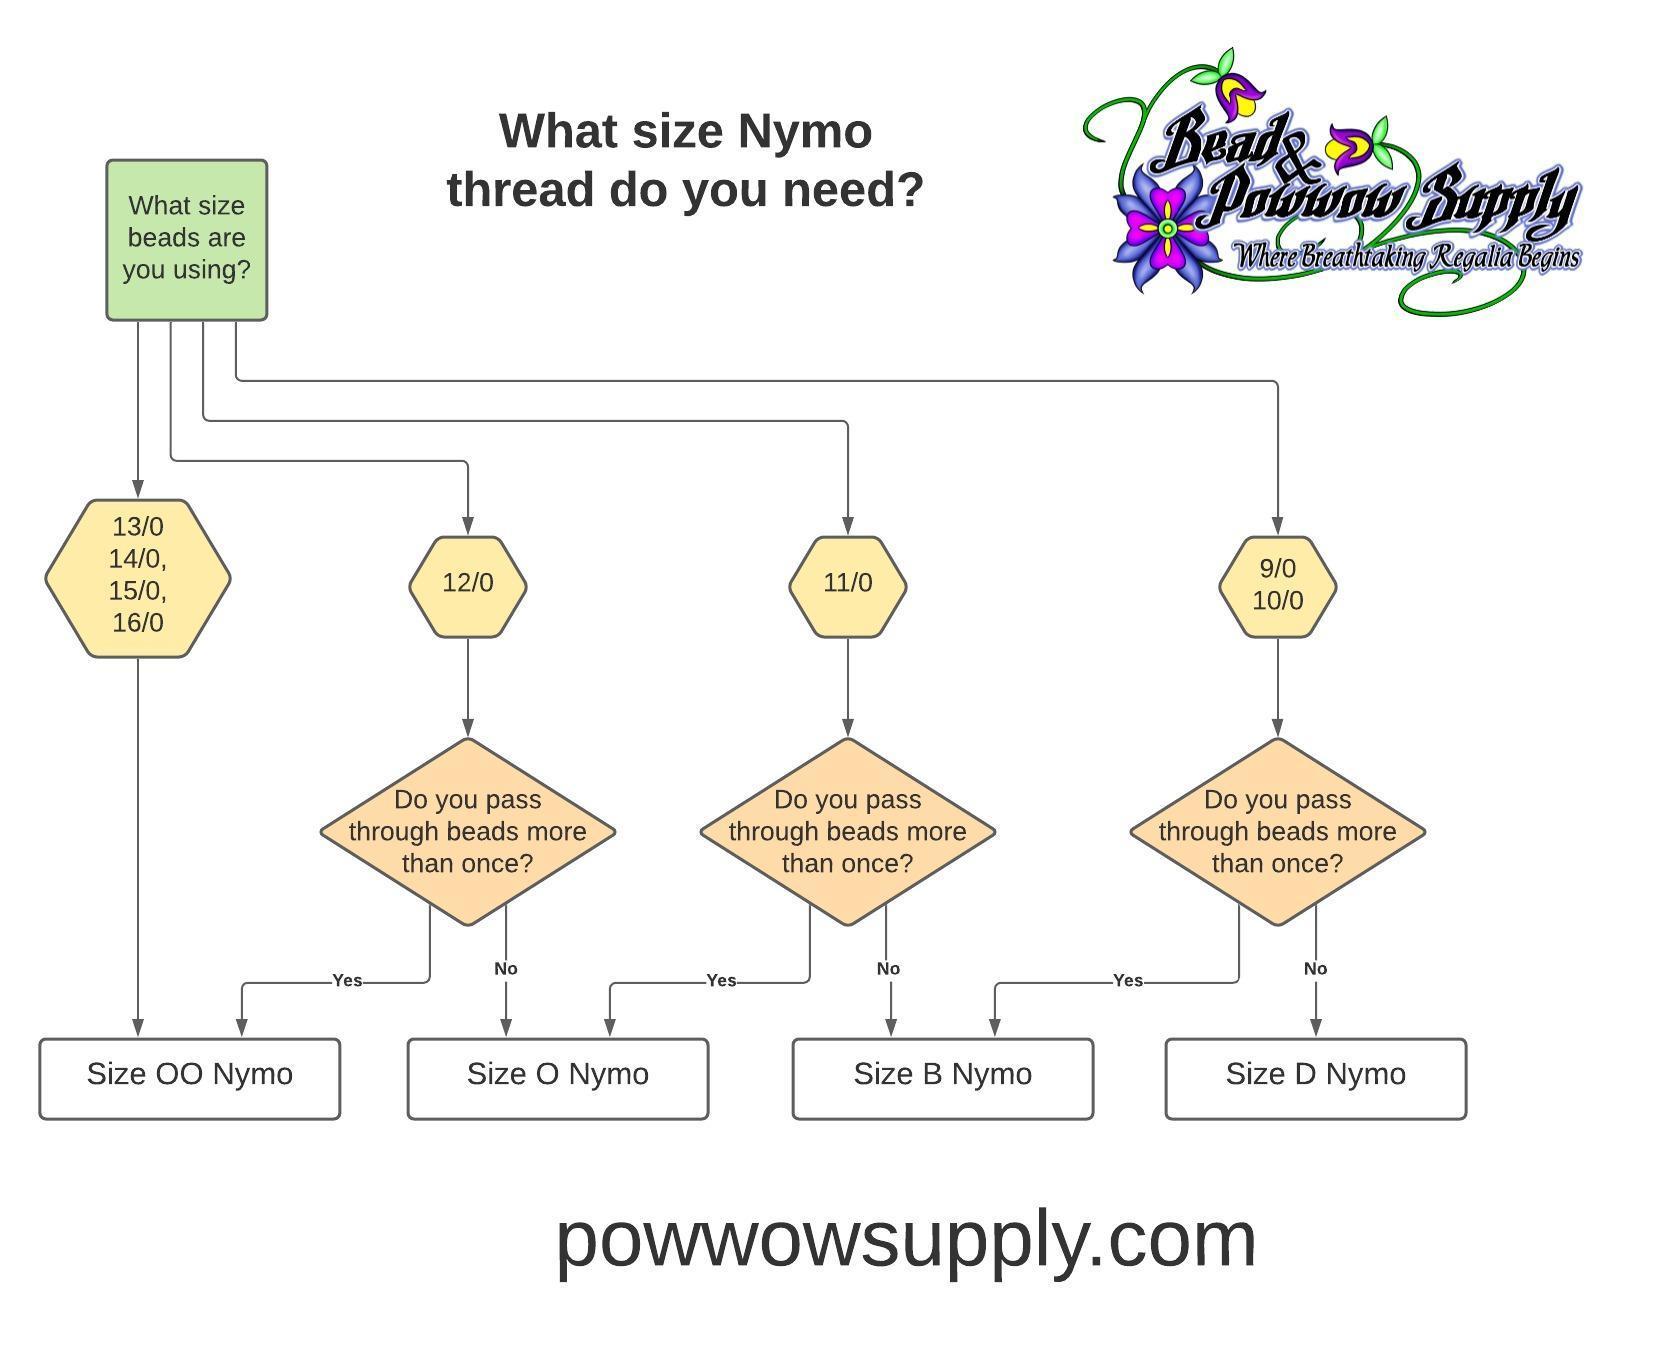 nymo-size-guide-chart.jpeg